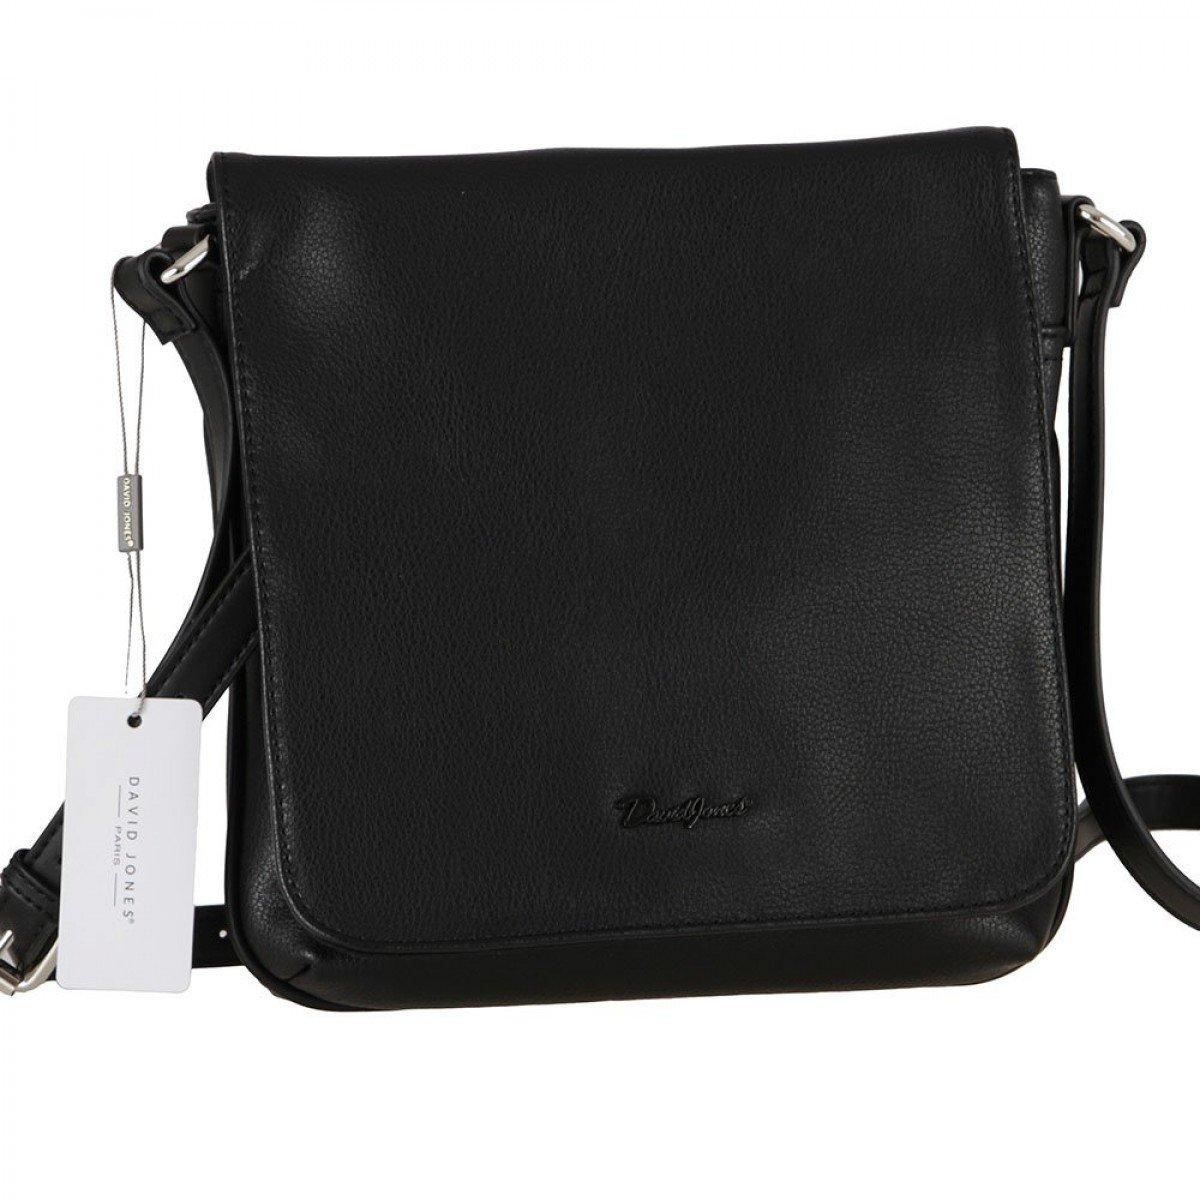 Жіноча сумка David Jones 6511-2 BLACK